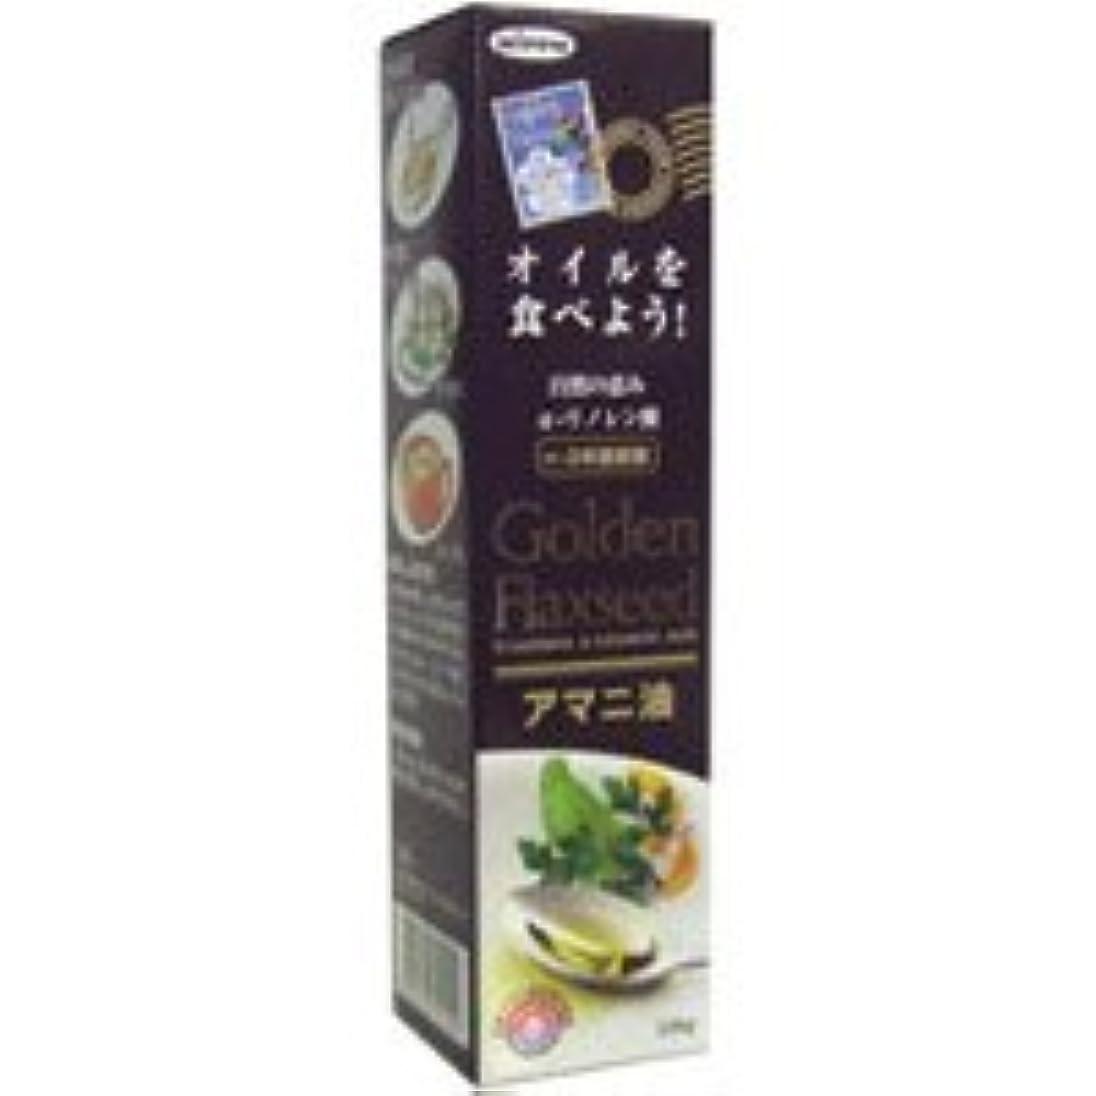 も薄いです水分日本製粉アマニ油186g